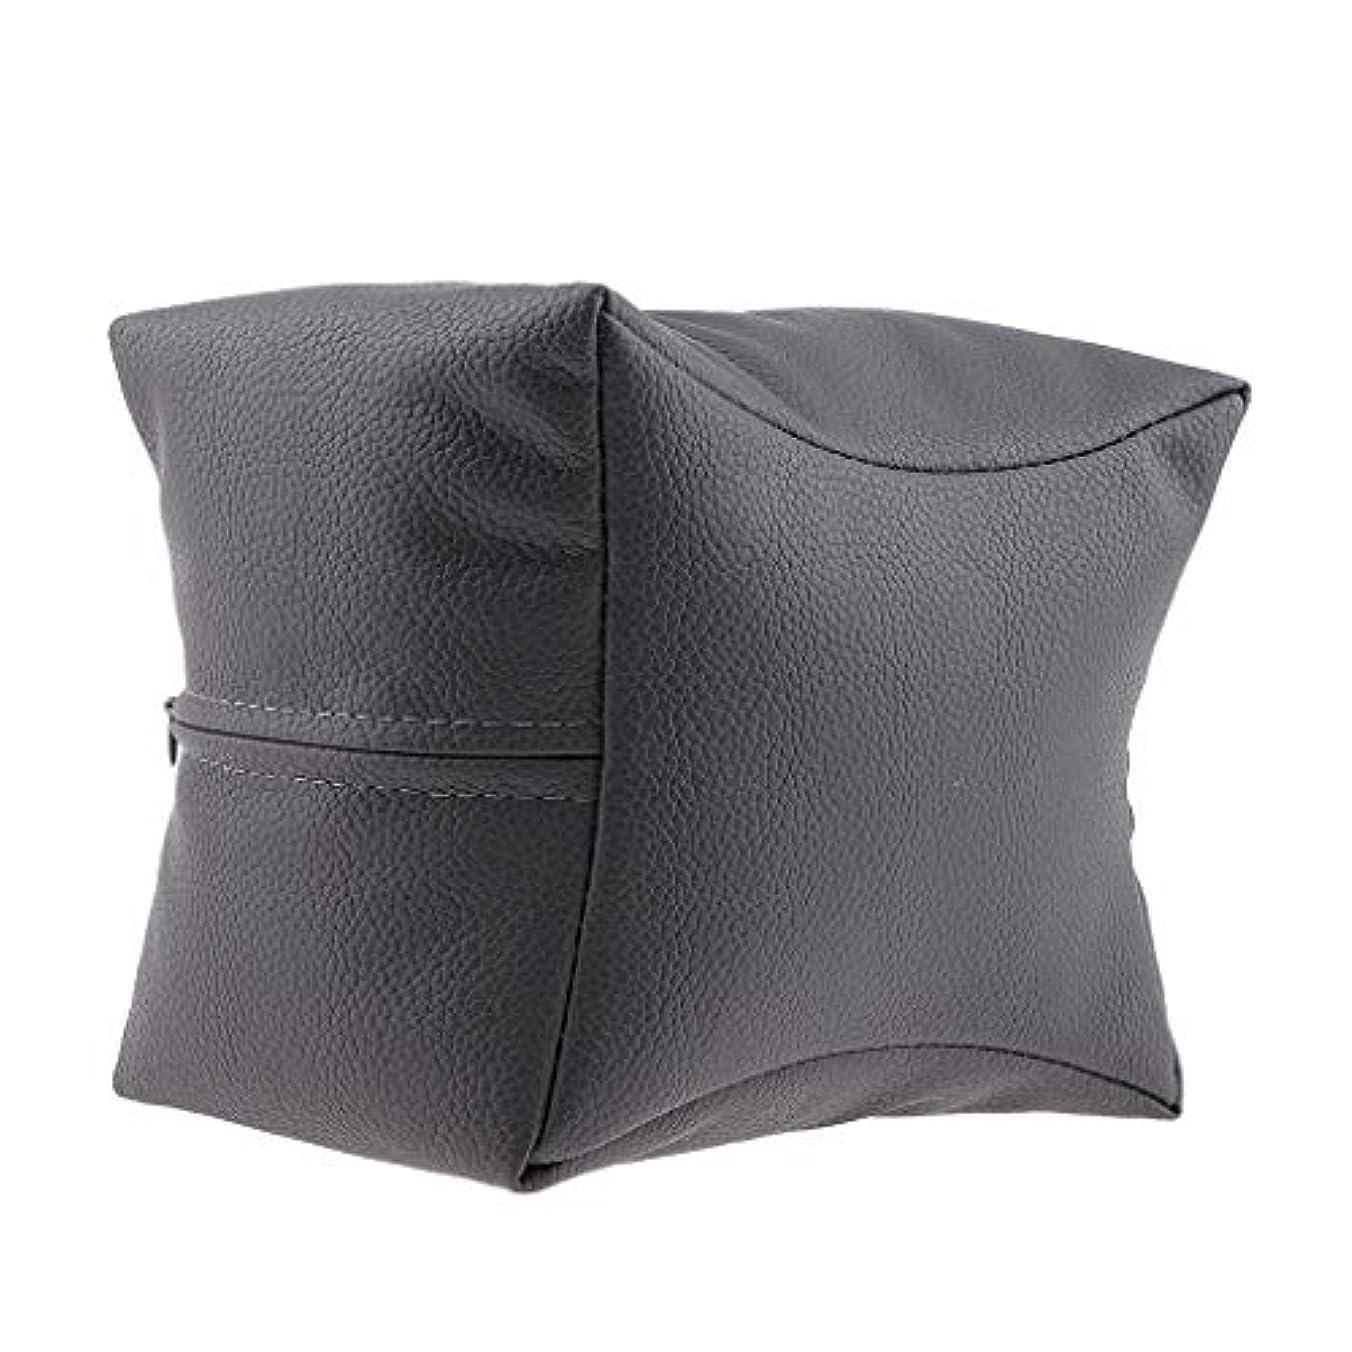 せがむ励起不幸ネイルアート 手枕 ハンドピロー レストピロー ハンドクッション ネイルサロン 4色選べ - グレー